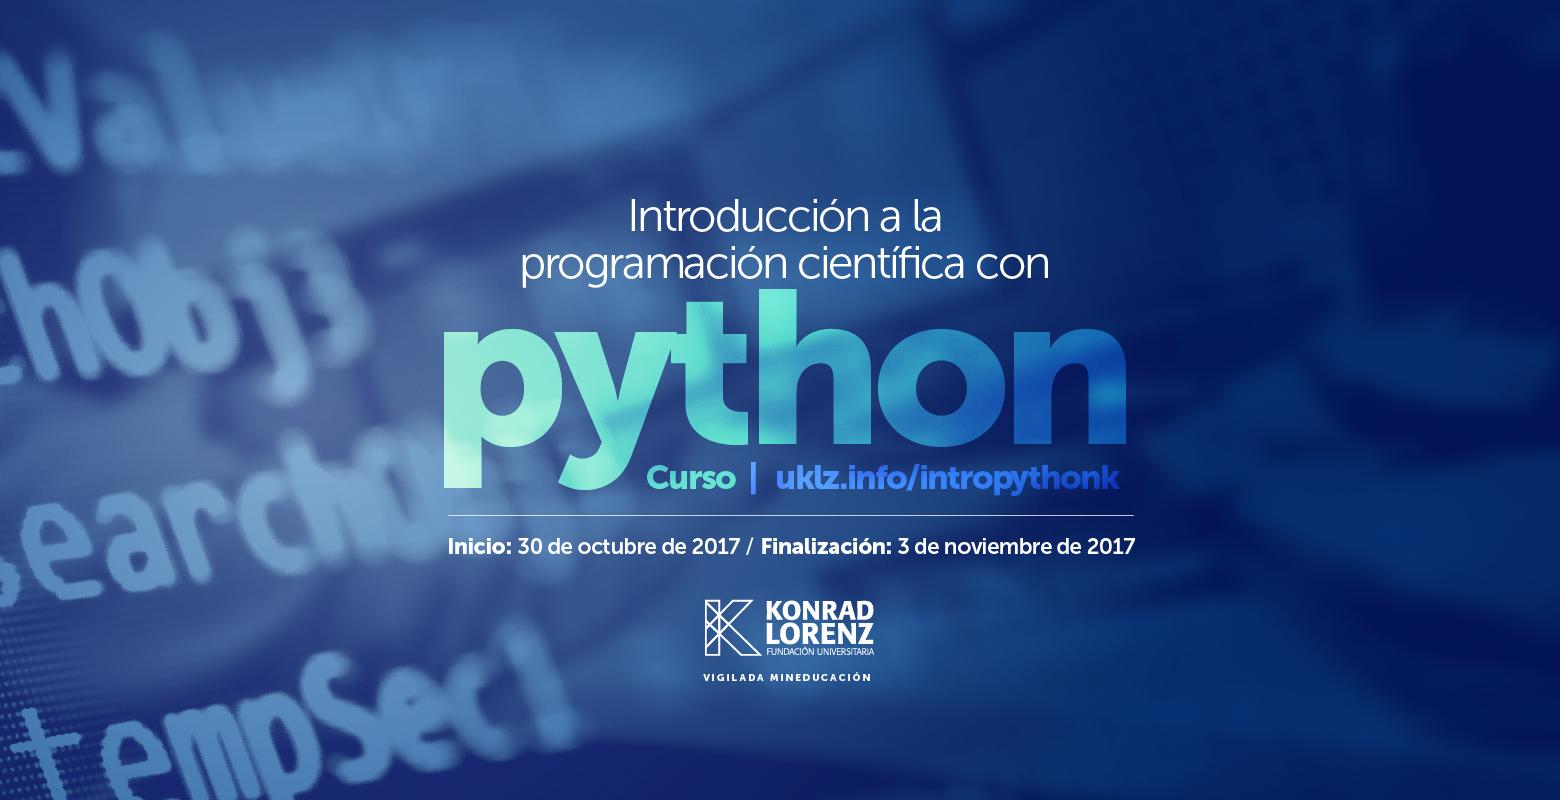 Curso de introducción a la programación científica con Python